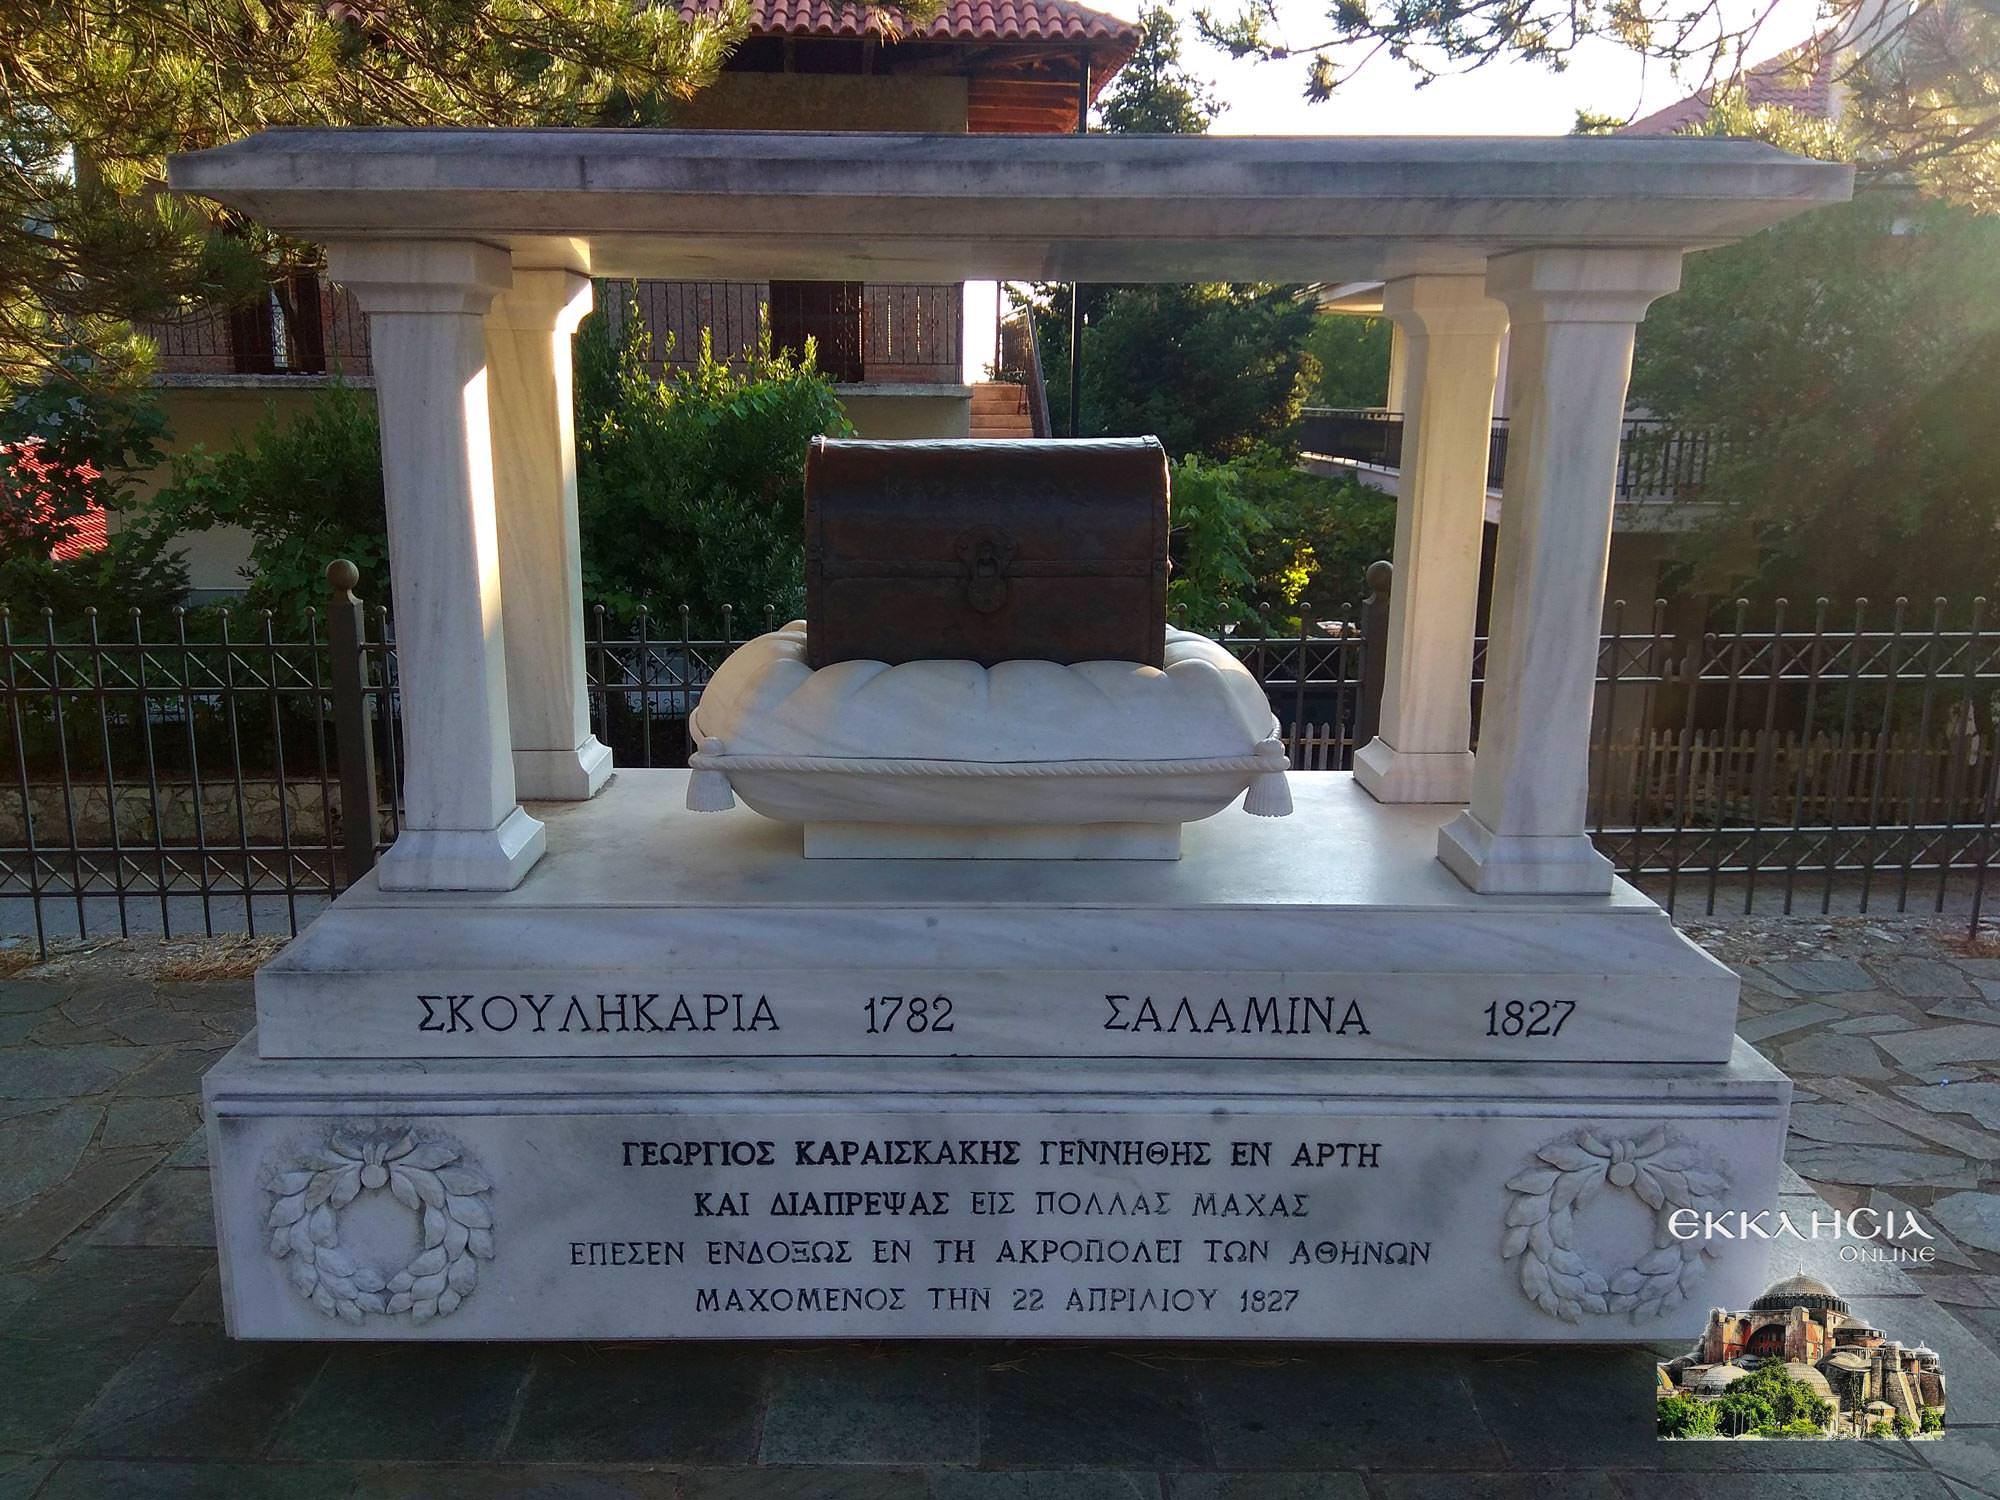 Γεώργιος Καραϊσκάκης Σκουληκαριά